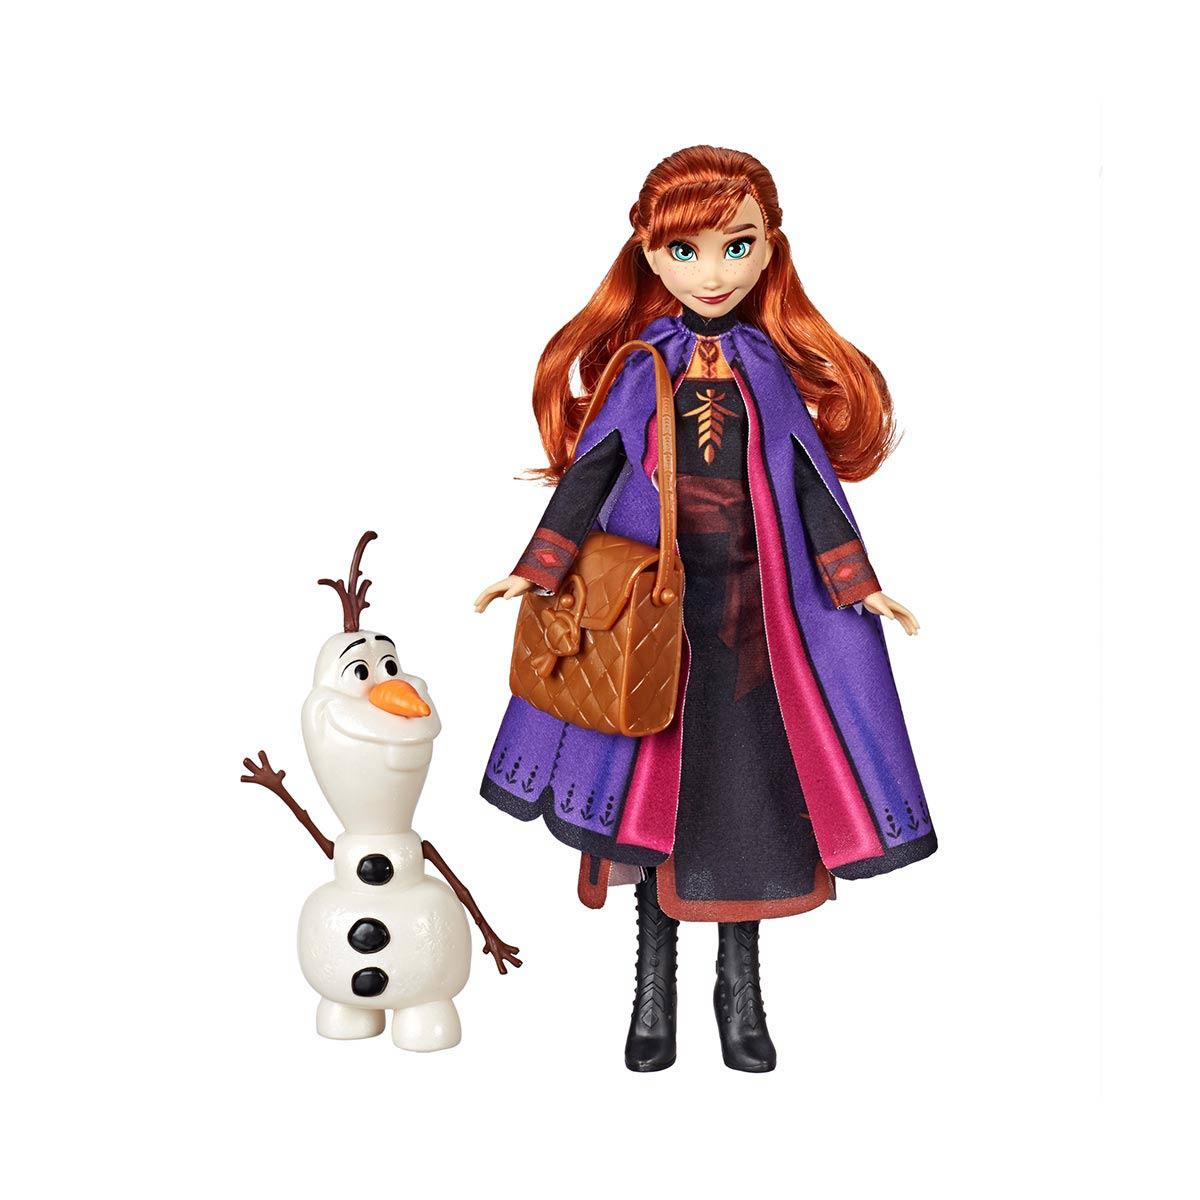 アナと雪の女王 グッズ ディズニー 人形 アナ ファッション ドール プレイセット オラフ フィギュア